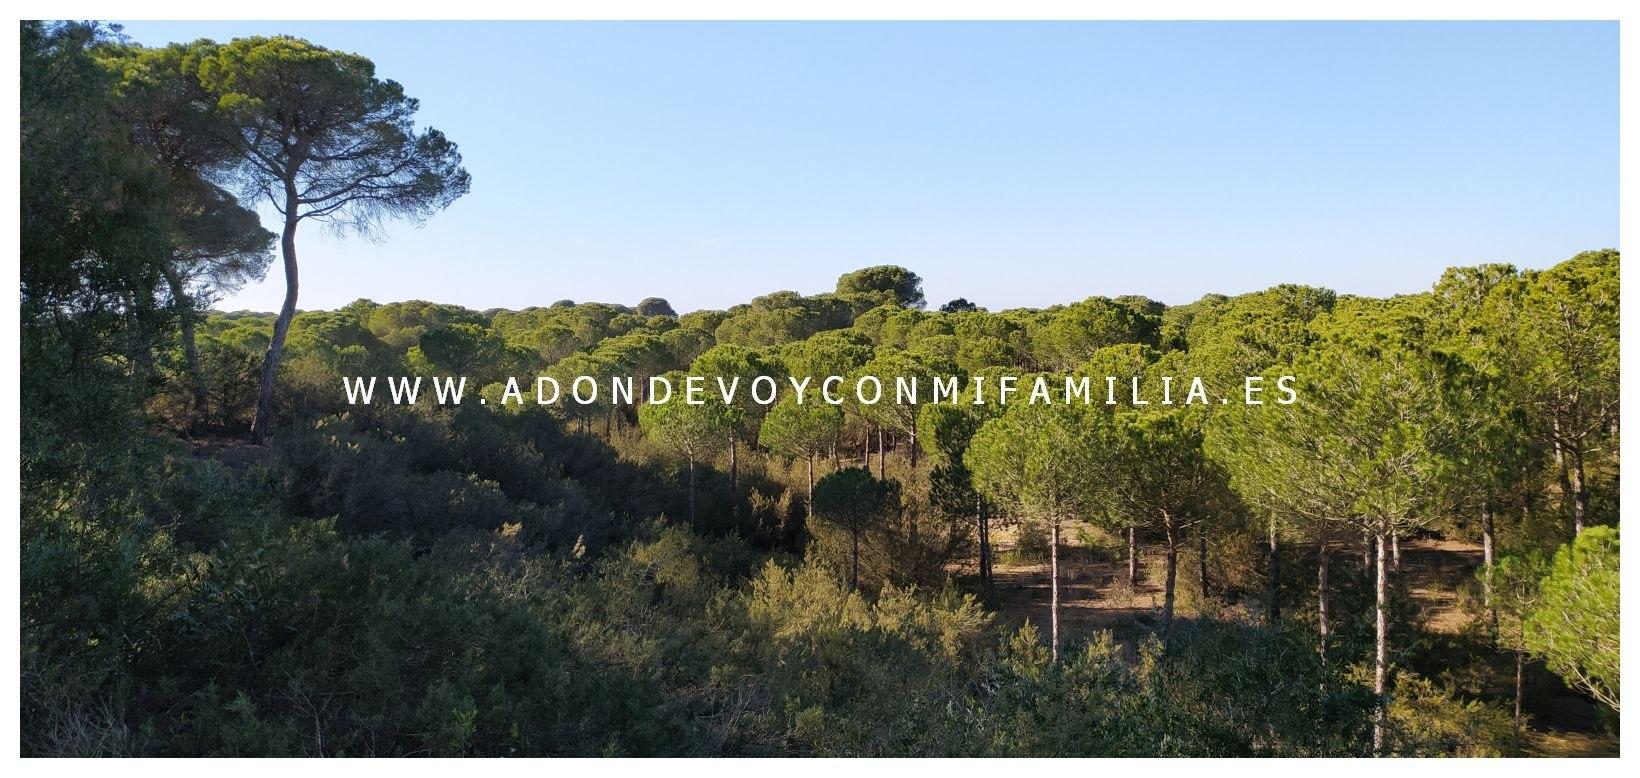 sendero-cerro-del-aguila-pinar-de-la-algaida-sanlucar-adondevoyconmifamilia-02